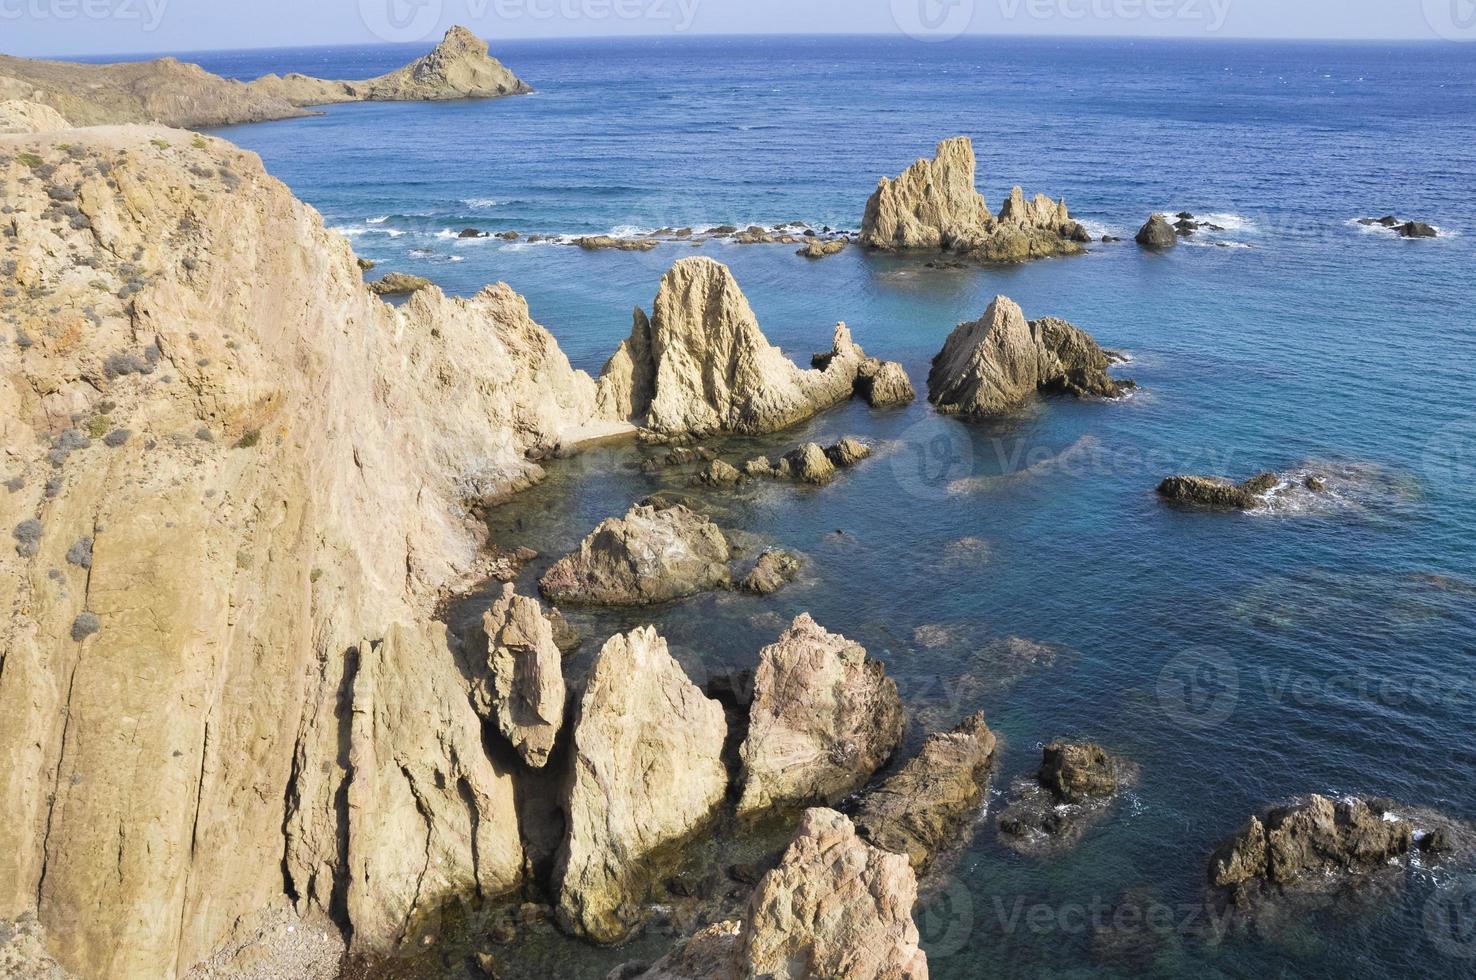 Reef of Las Sirenas, Cabo de Gata, Almeria (Spain) photo